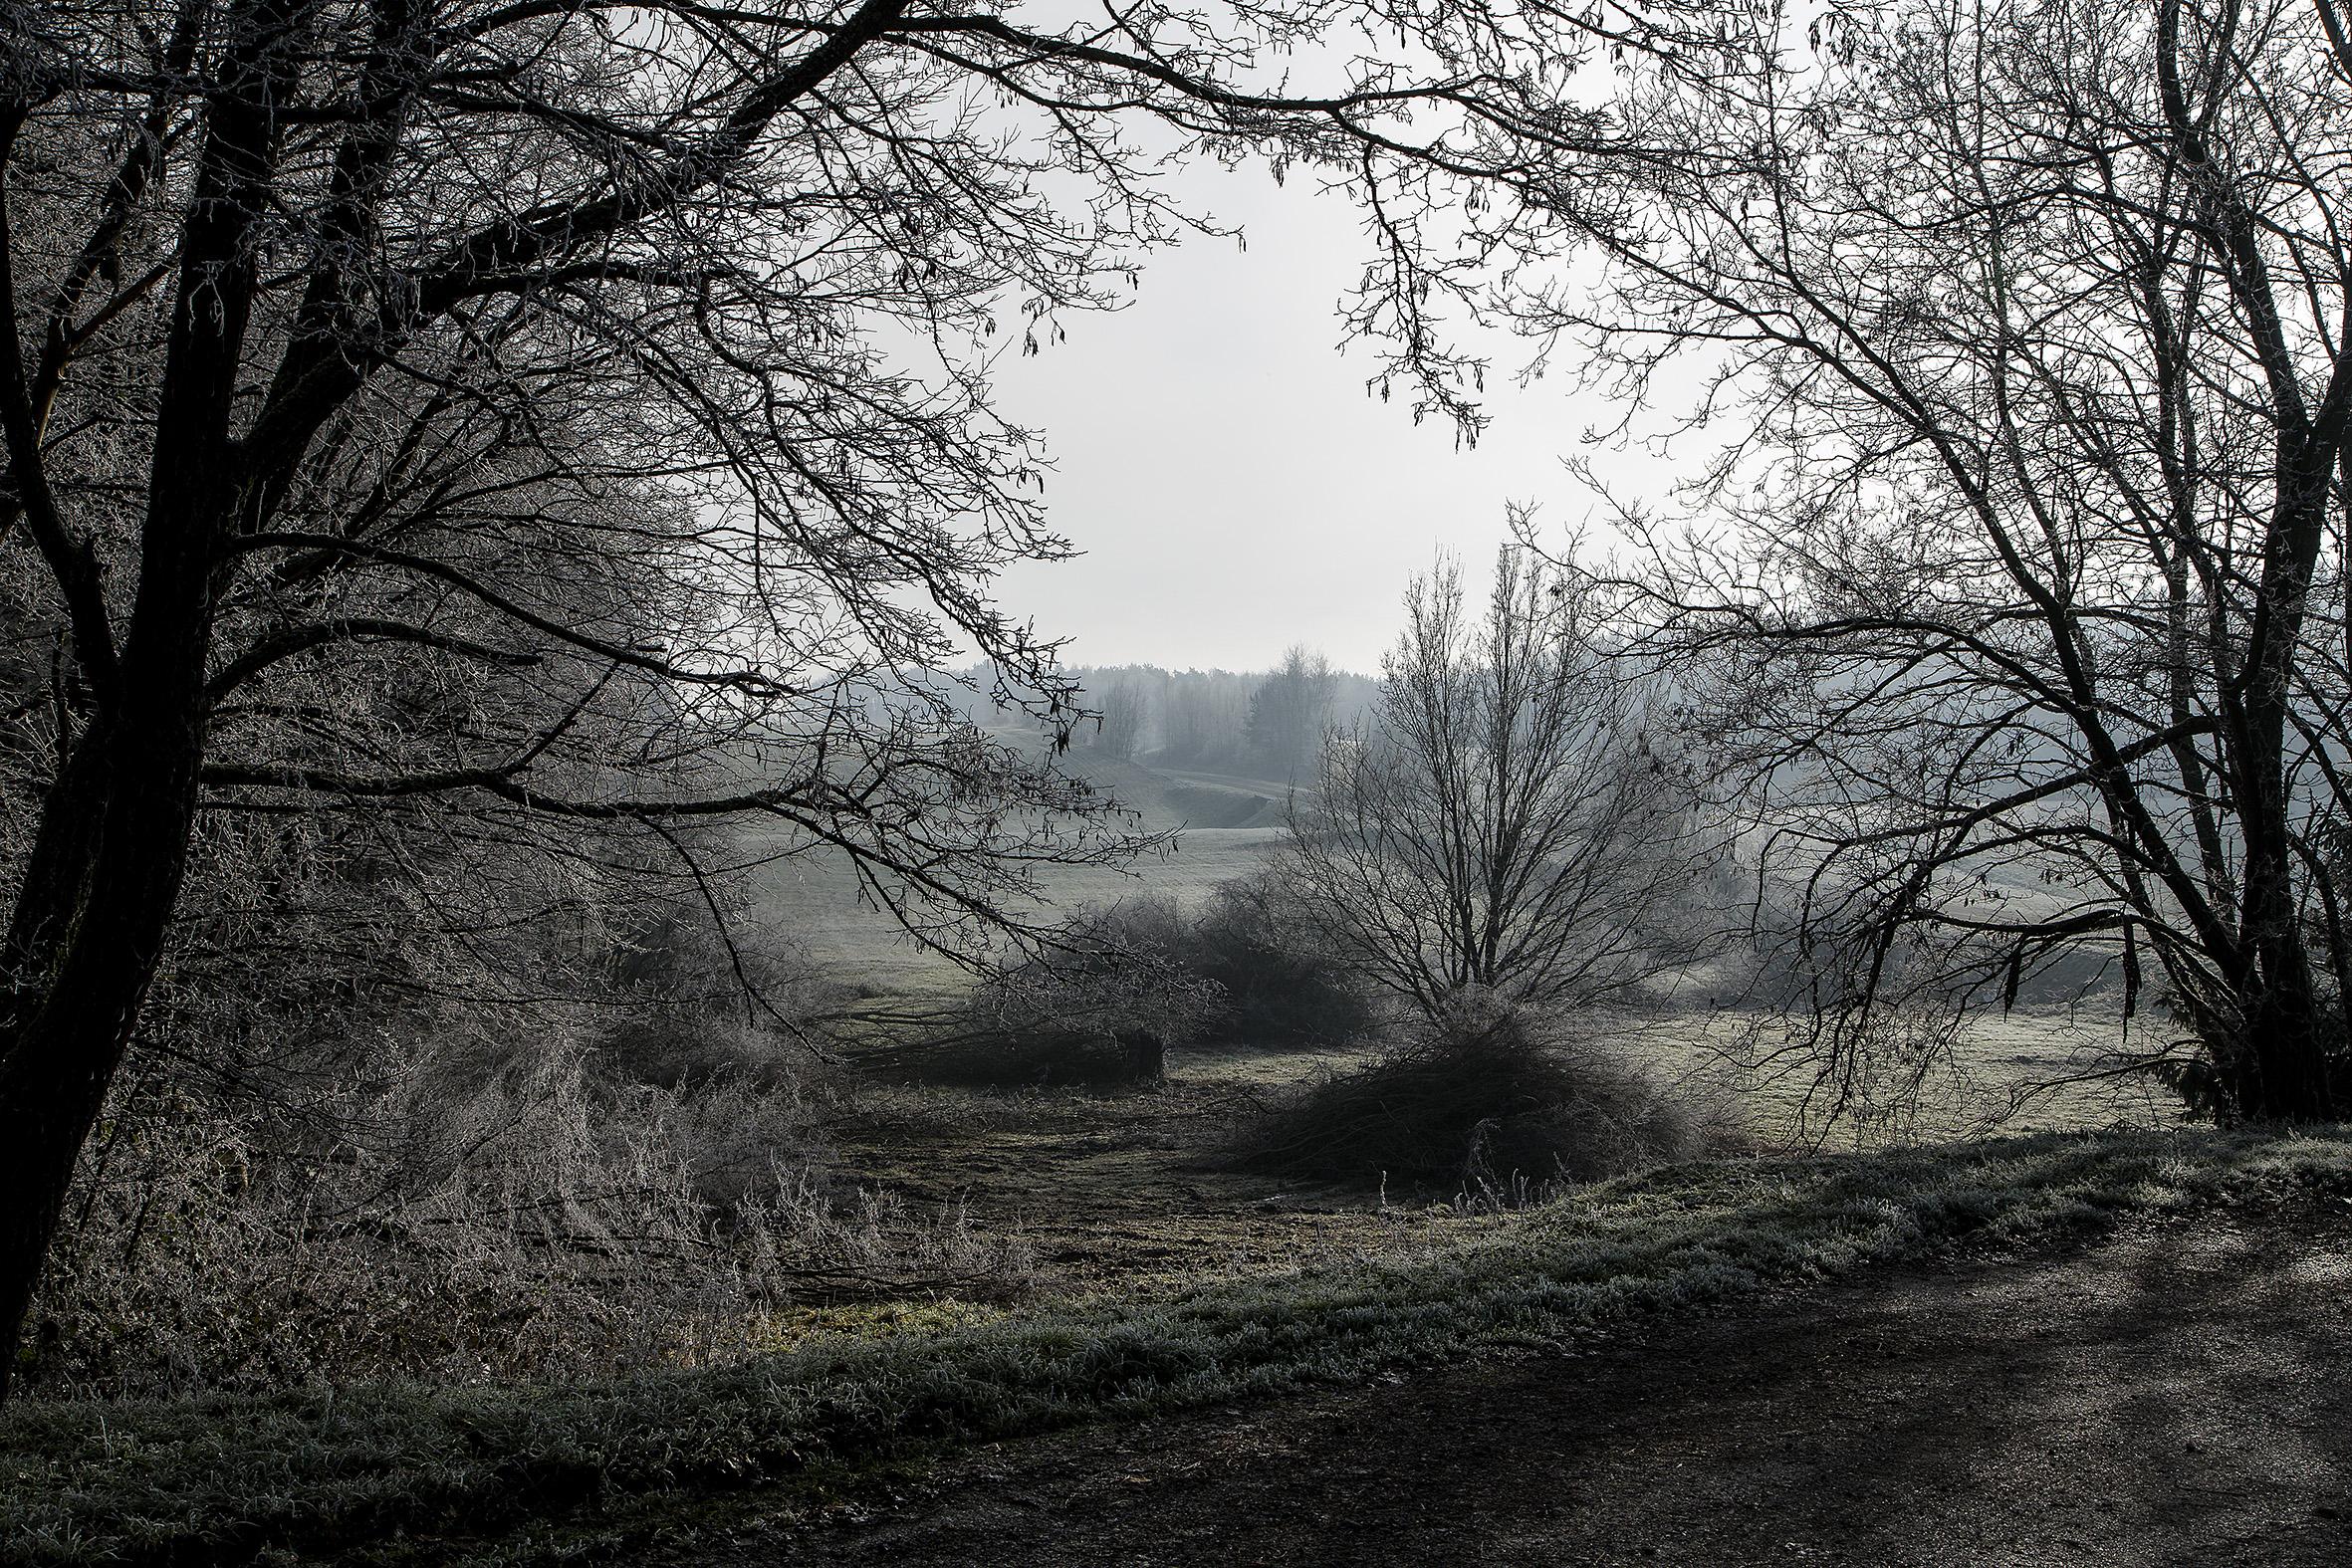 nature-givre-rech-2015-marie-colette-becker-02